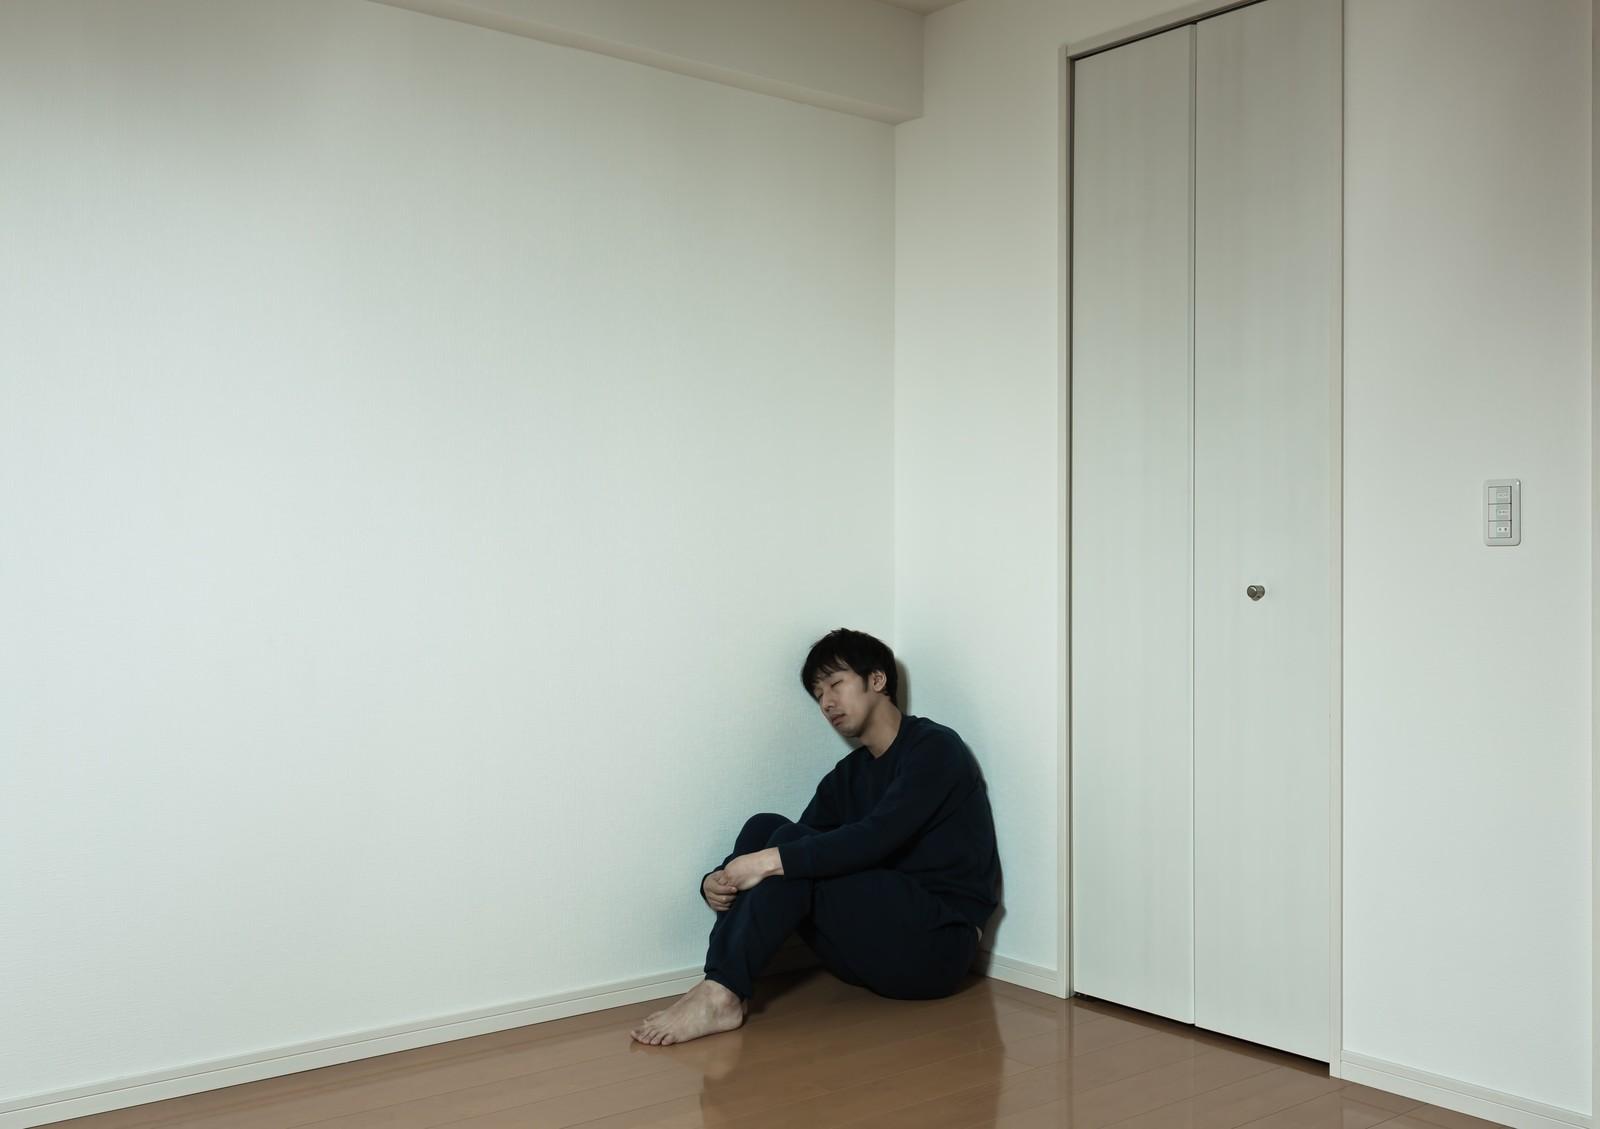 PAK93_heyanosumidetaikuzuwari20140322_TP_V